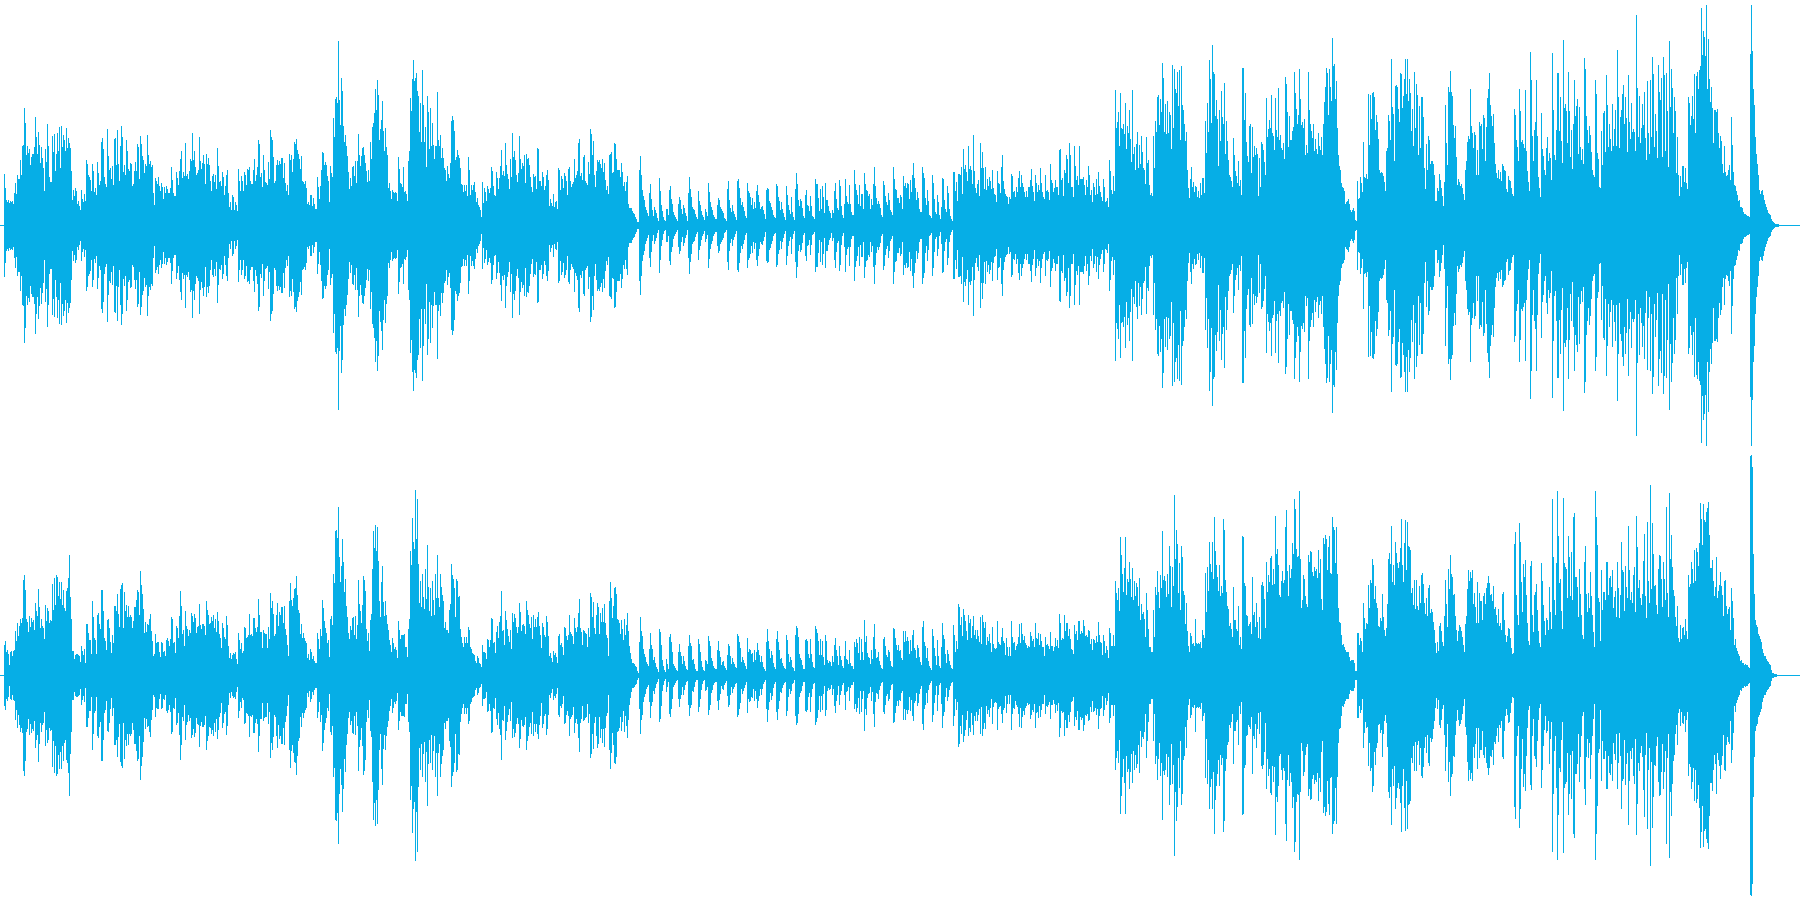 ショパンのノクターンのようなオリジナル曲の再生済みの波形